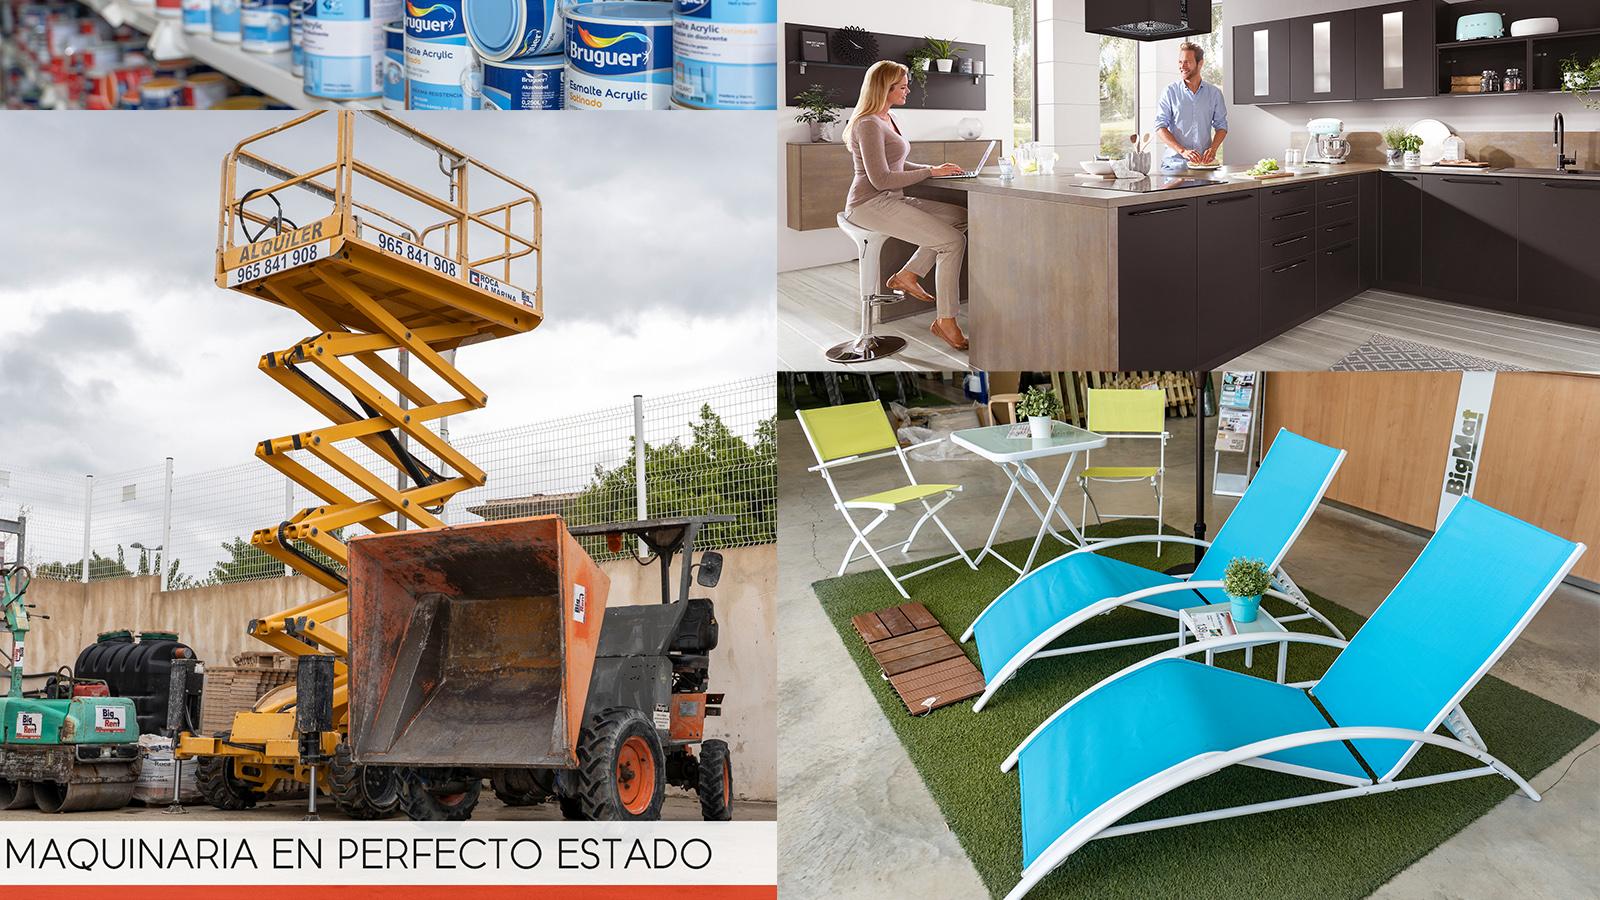 Gestió publicitària en xarxes socials per a magatzems de construcció BigMat